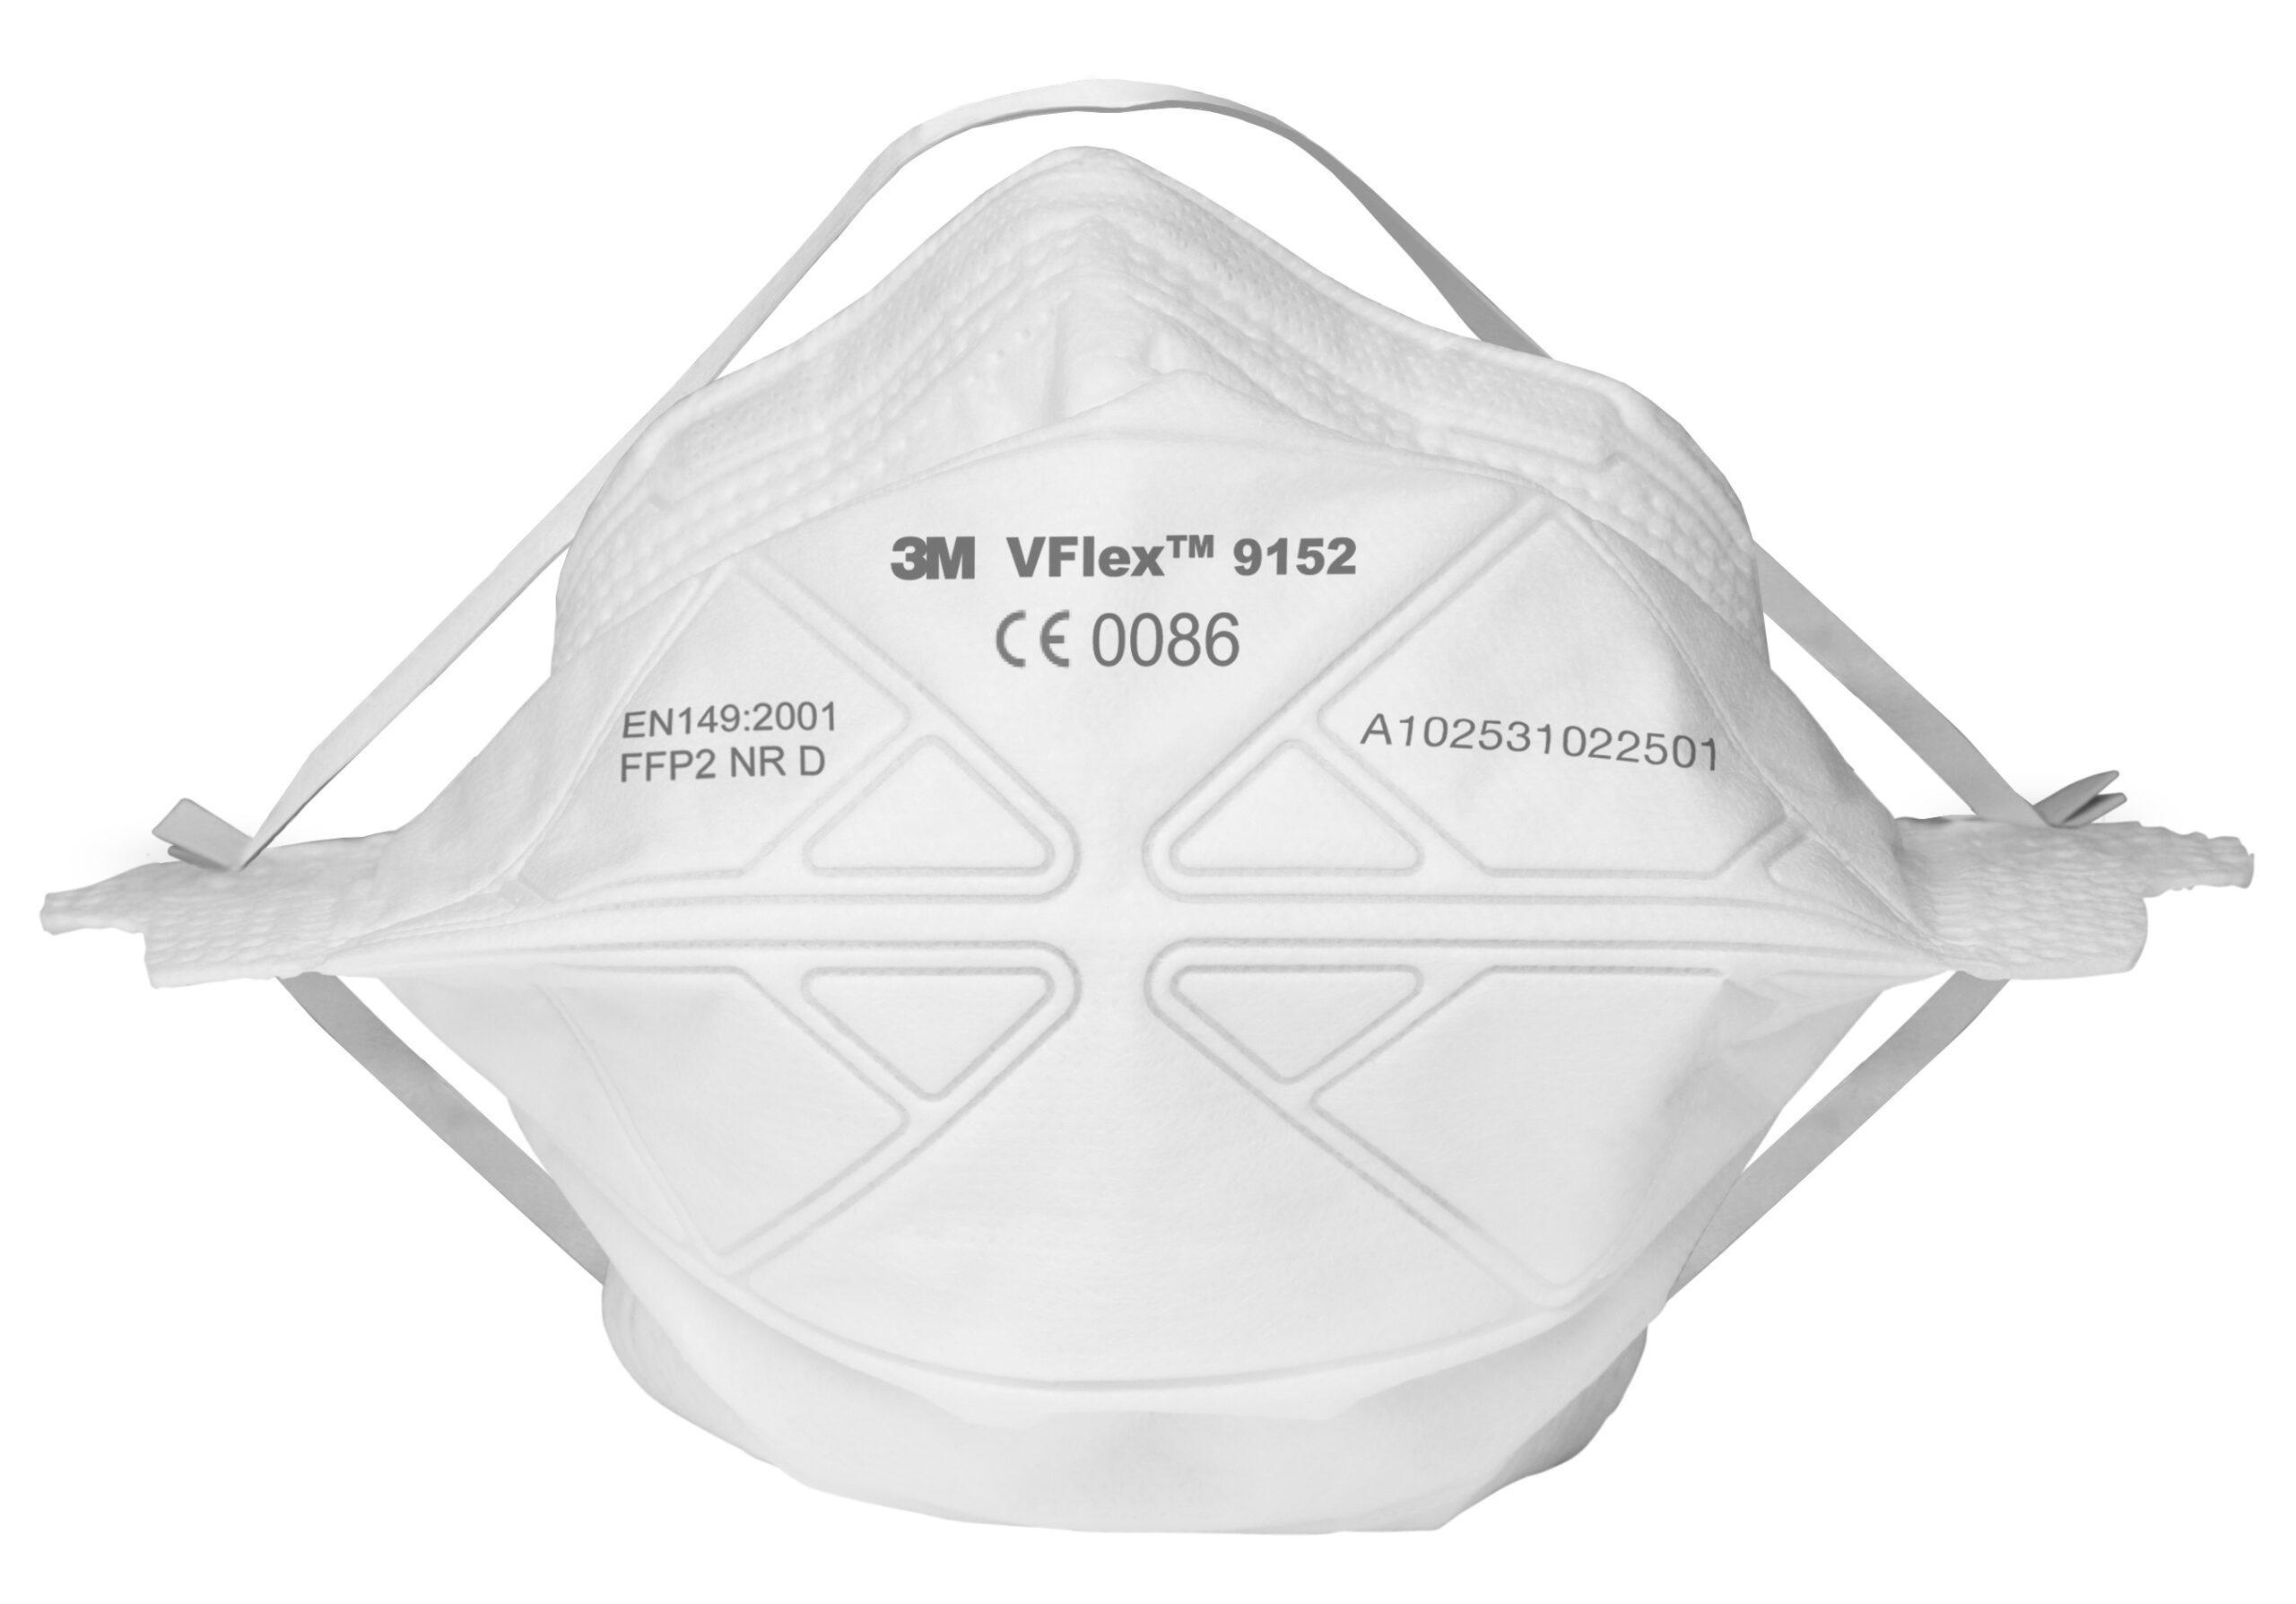 3M Türkiye Solunum Koruyucu Maske Üretimine Başladı | DigitLife.net